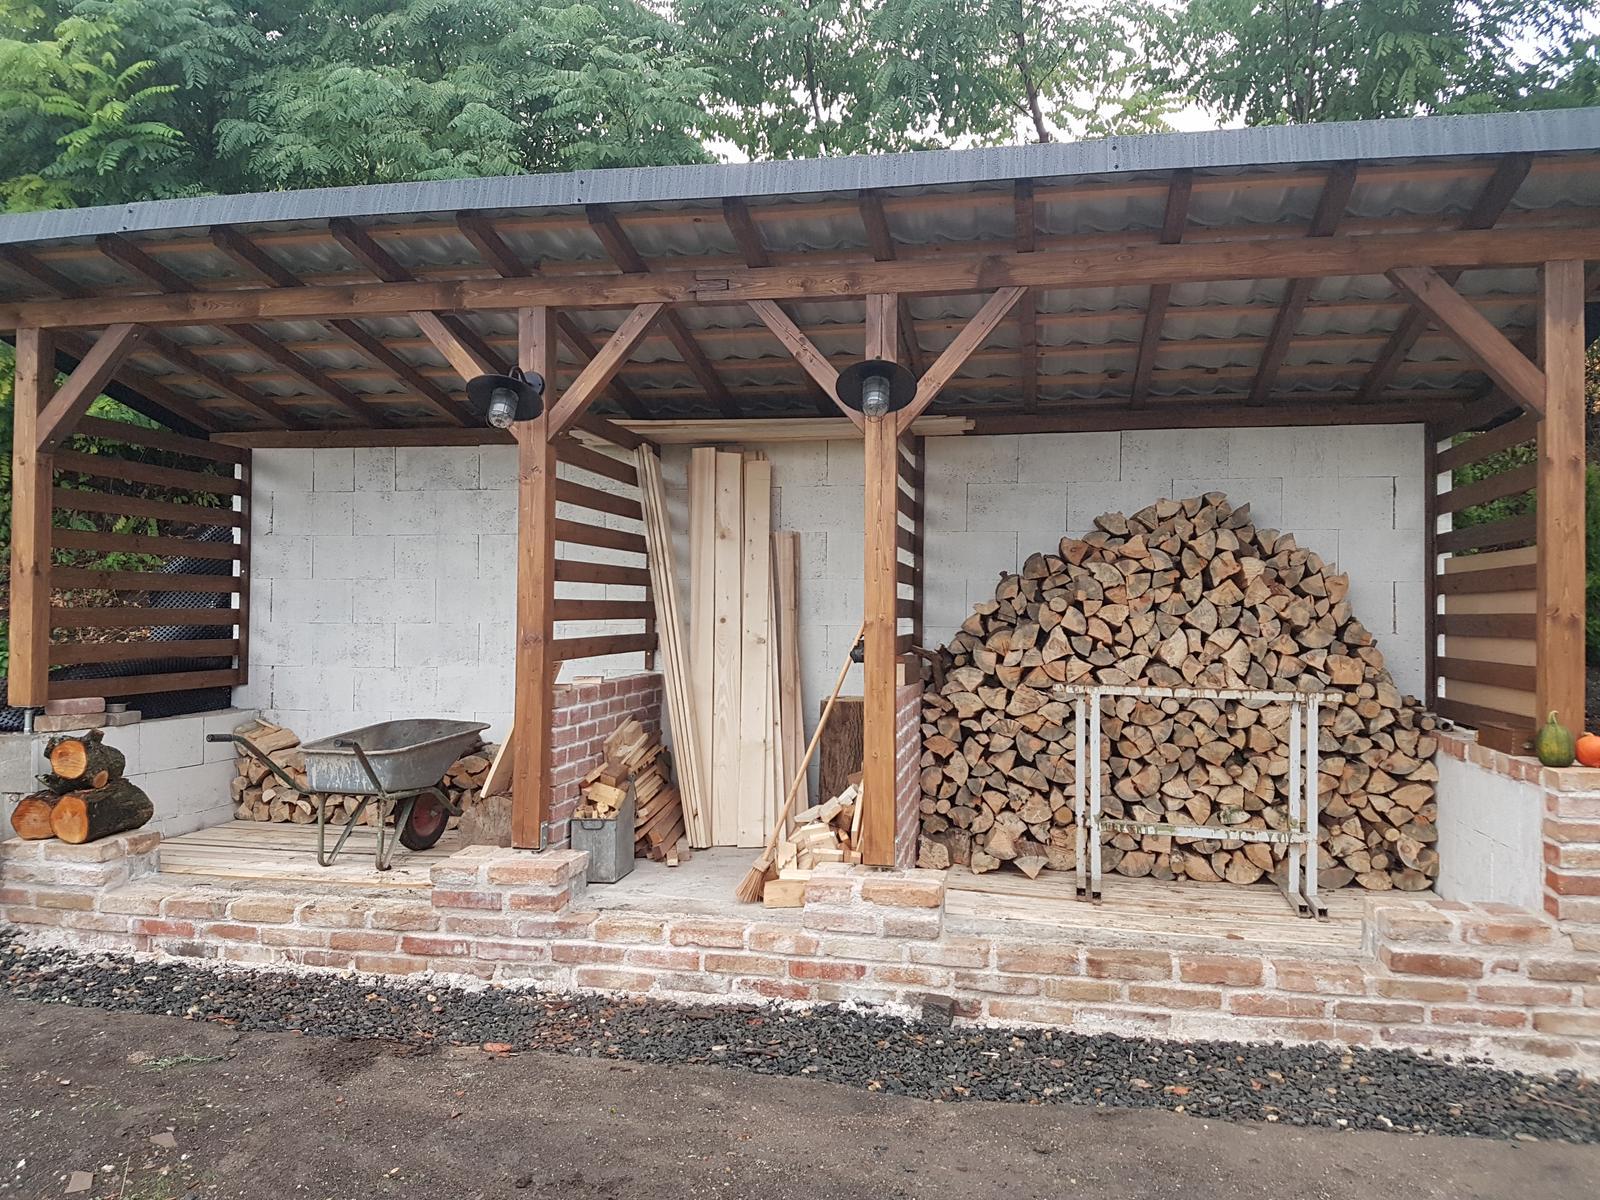 Drevník a kafé kútik - projekt roku  2018 - Začíname napĺňať